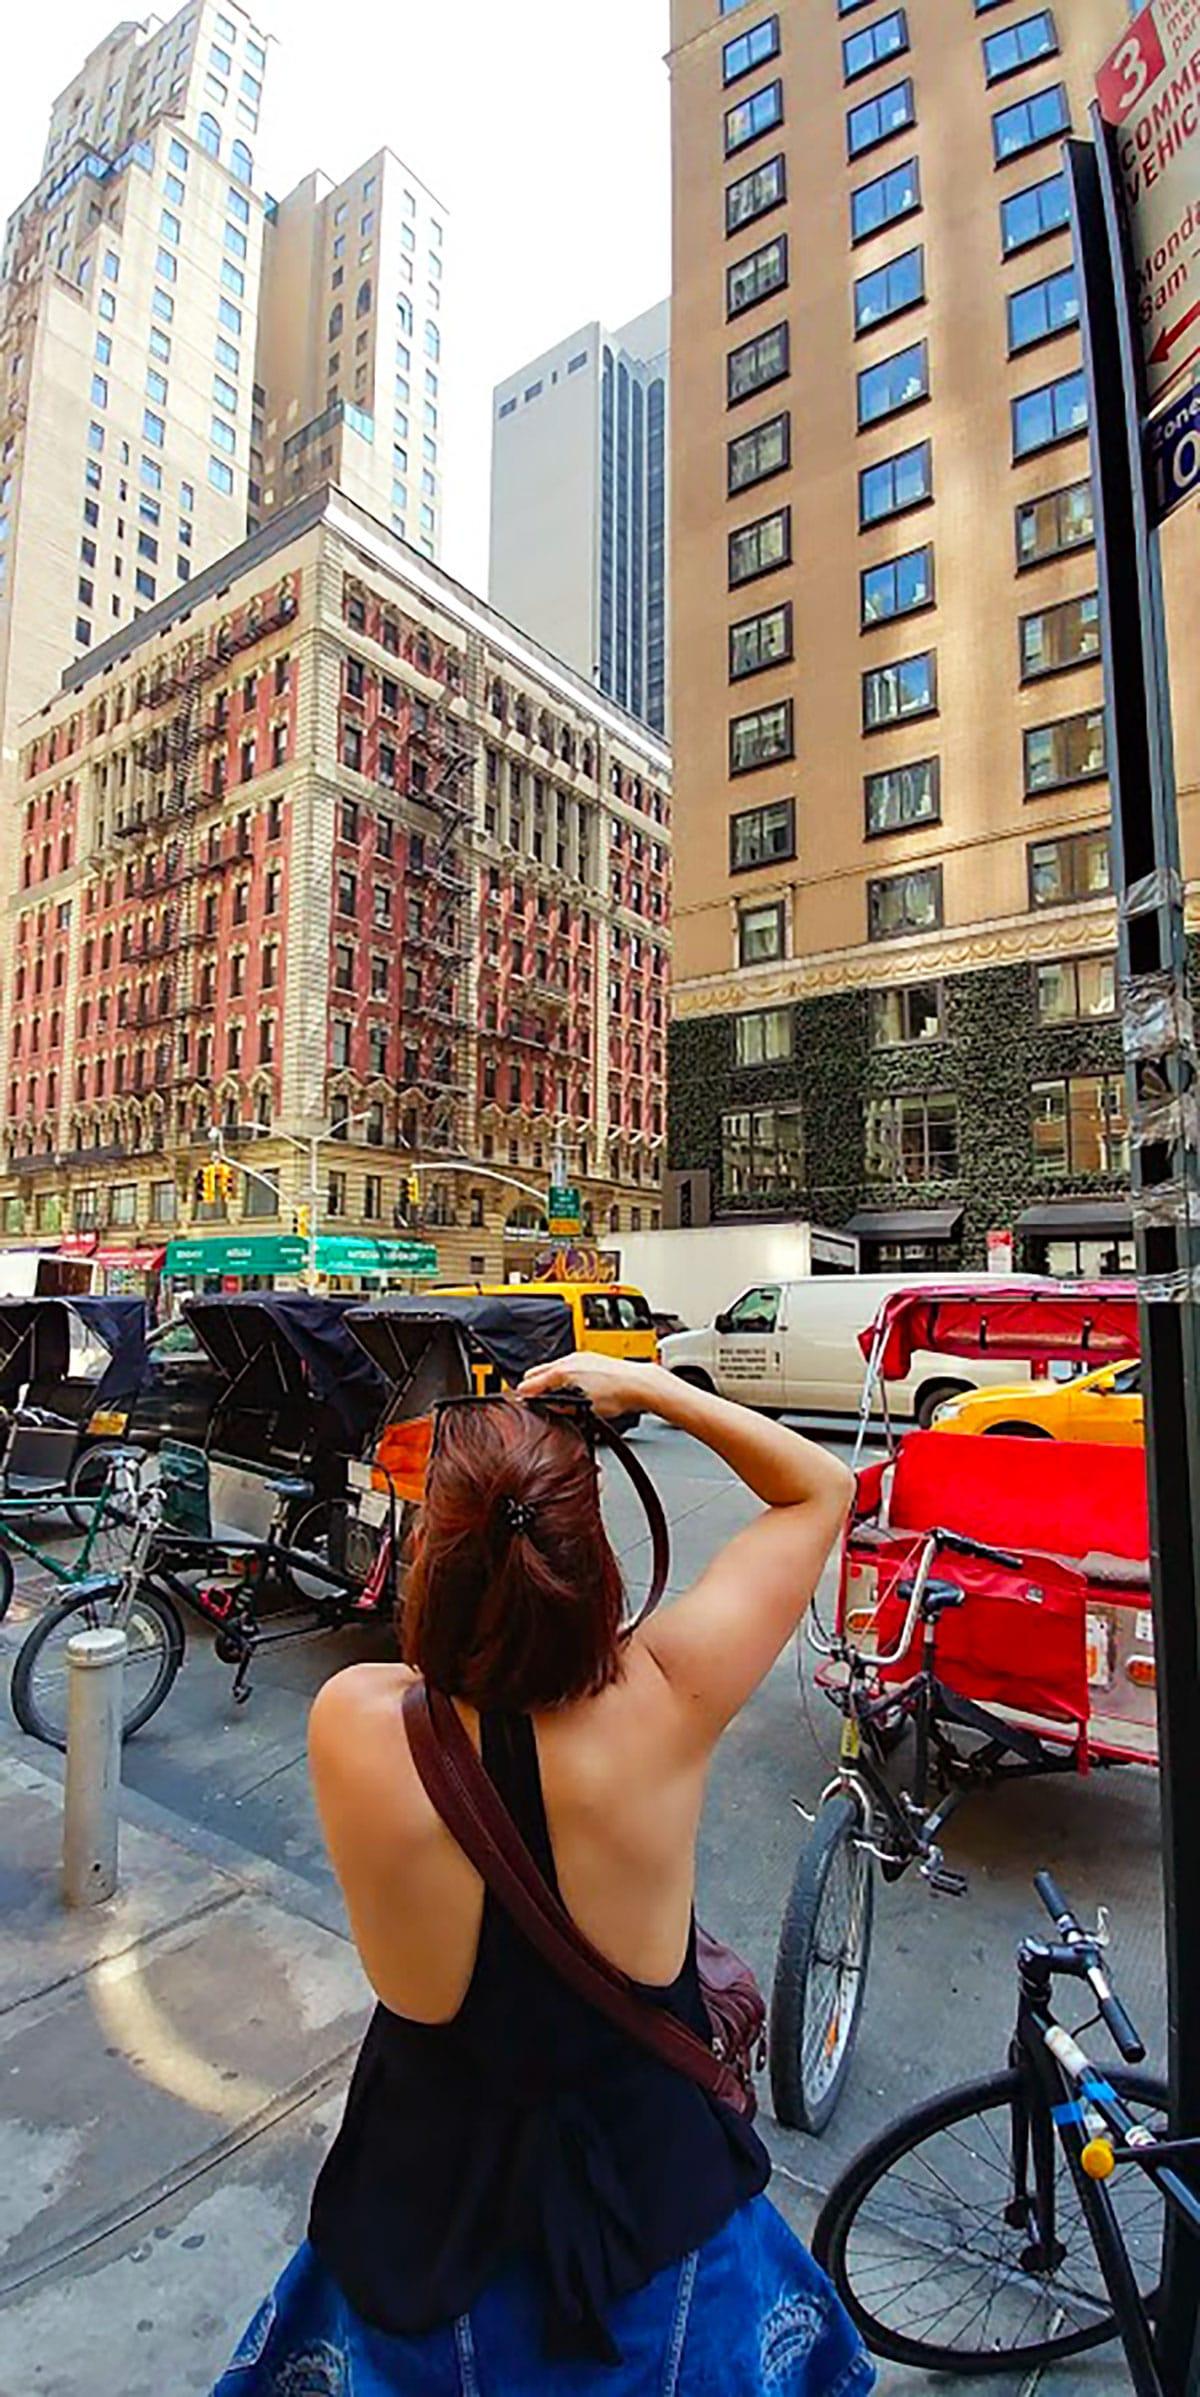 Carnet de voyage Mataime pour Partir a New York